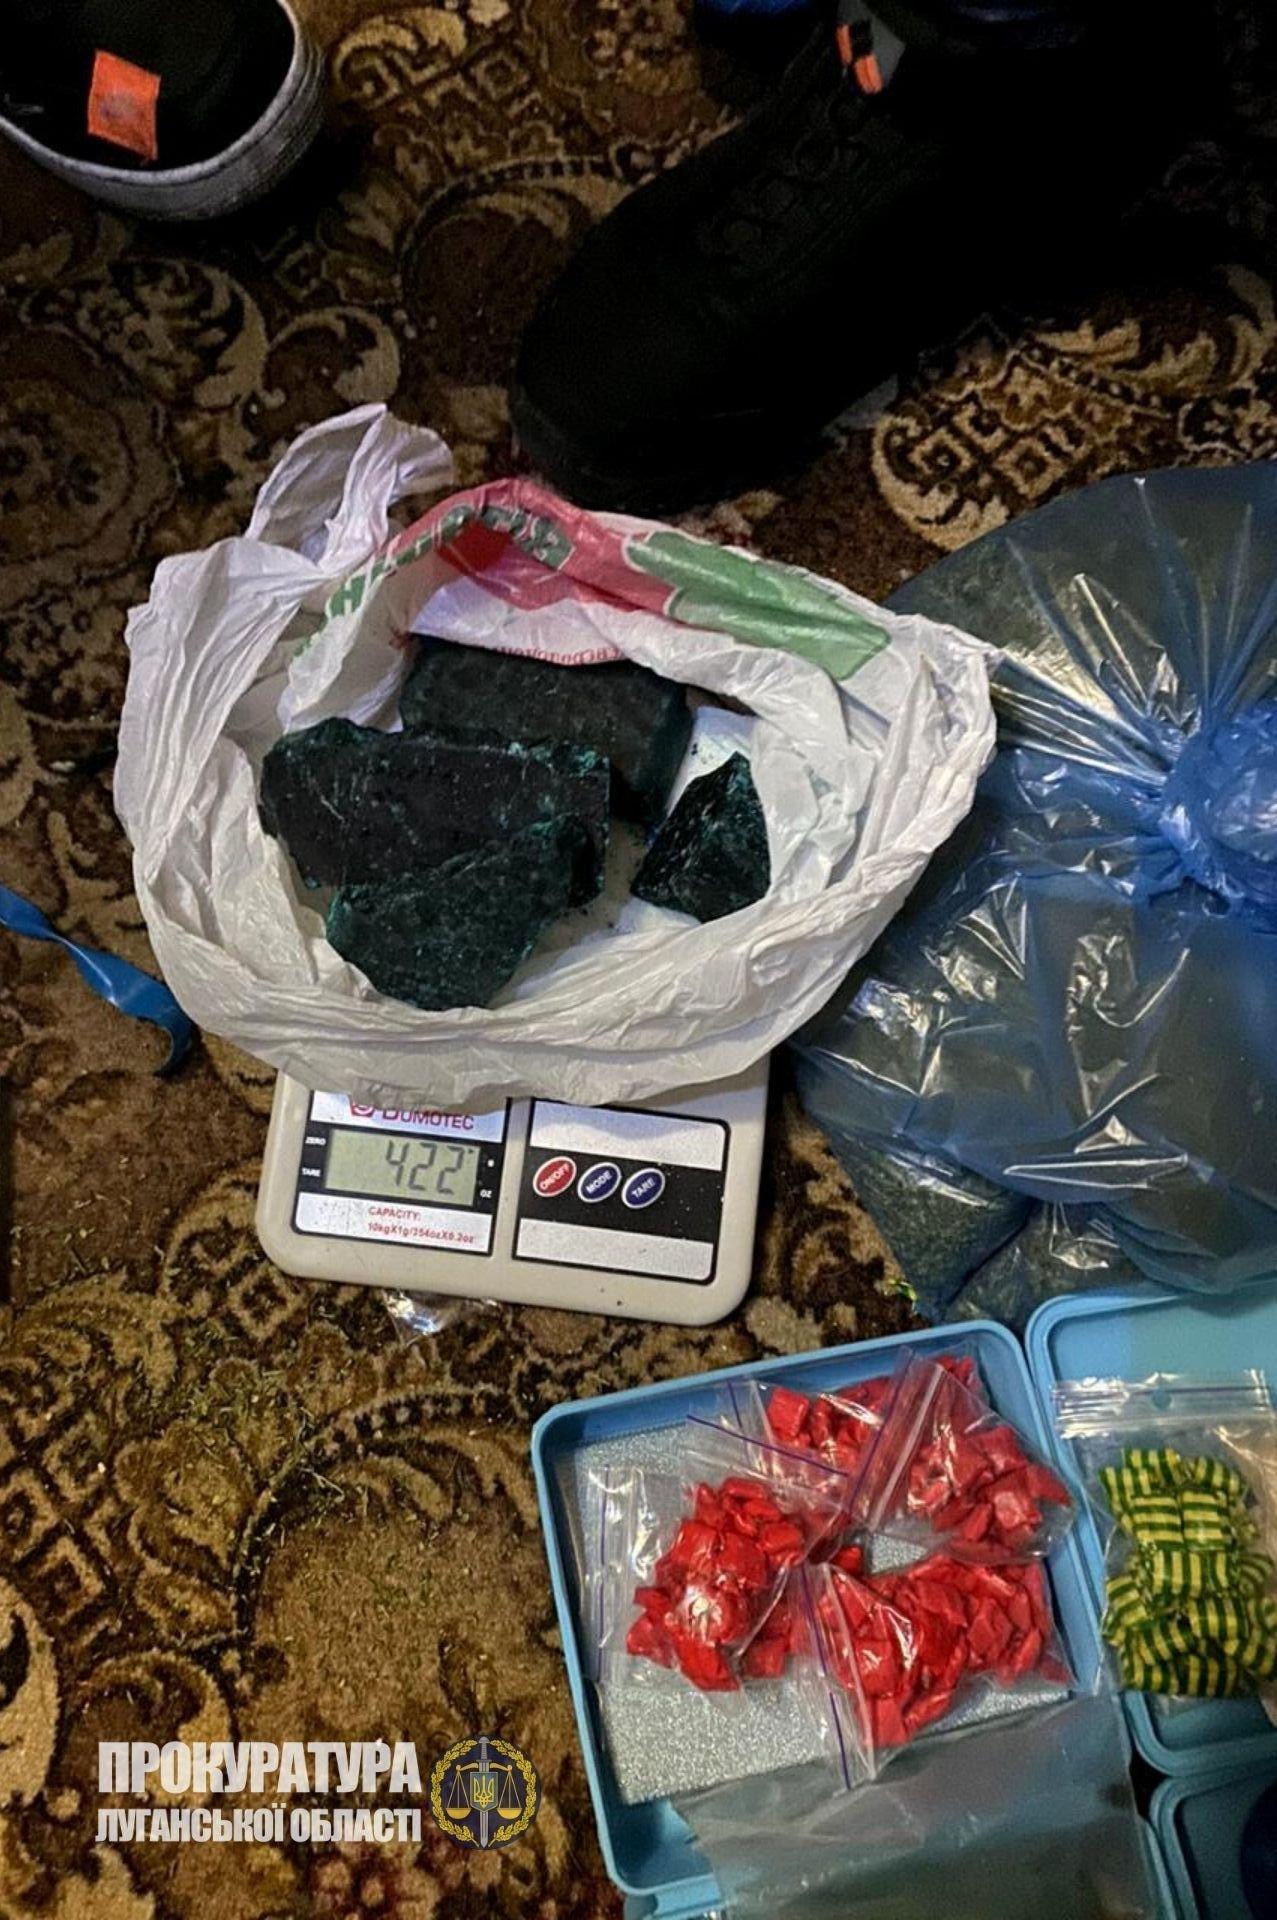 Преступную группу северодончан будут судить за сбыт наркотиков через Телеграм-канал, фото-2